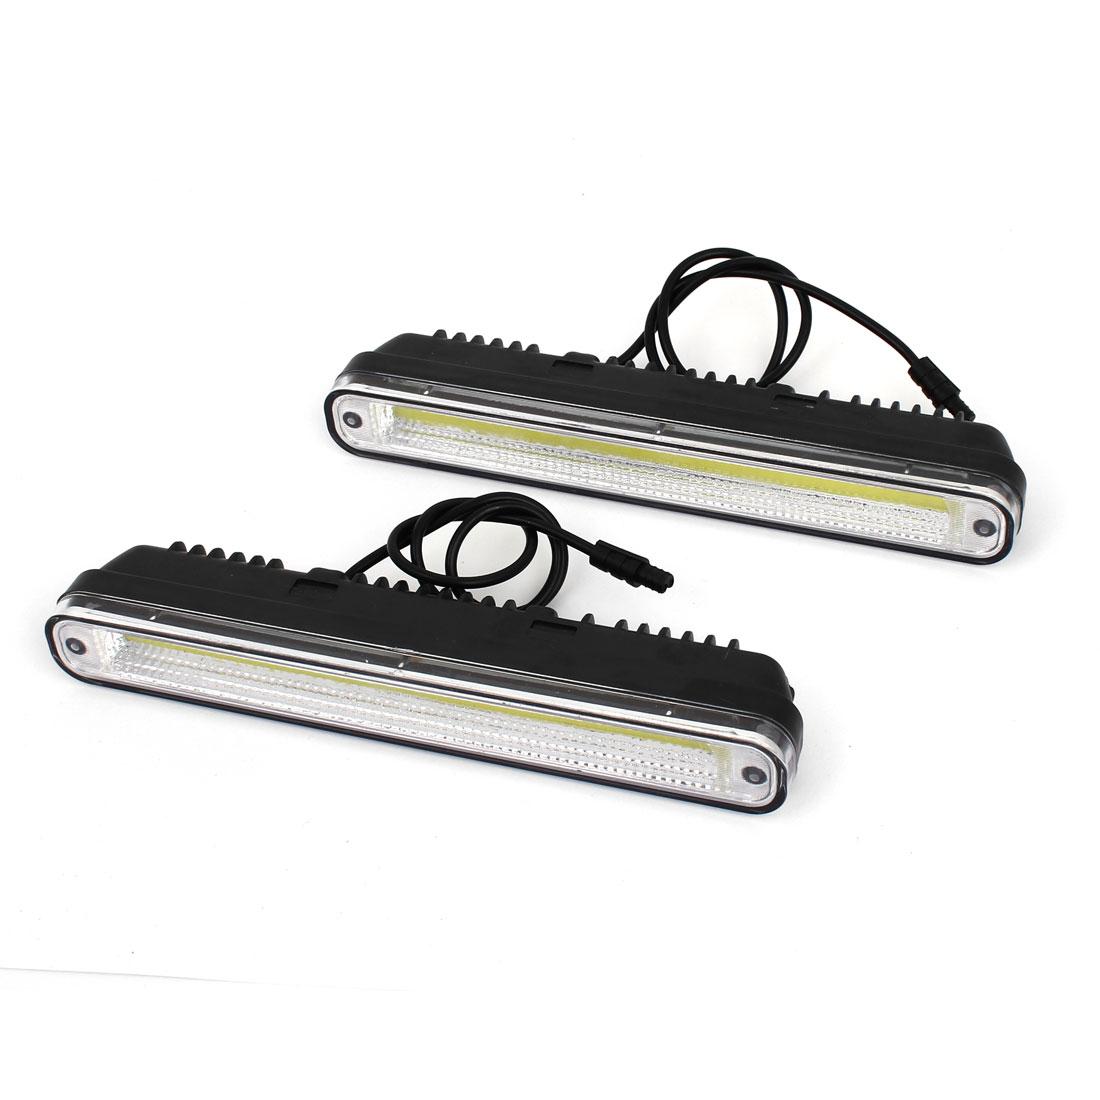 2 Pcs White 12V COB Car DRL Daytime Running Light Strip Fog Lamp